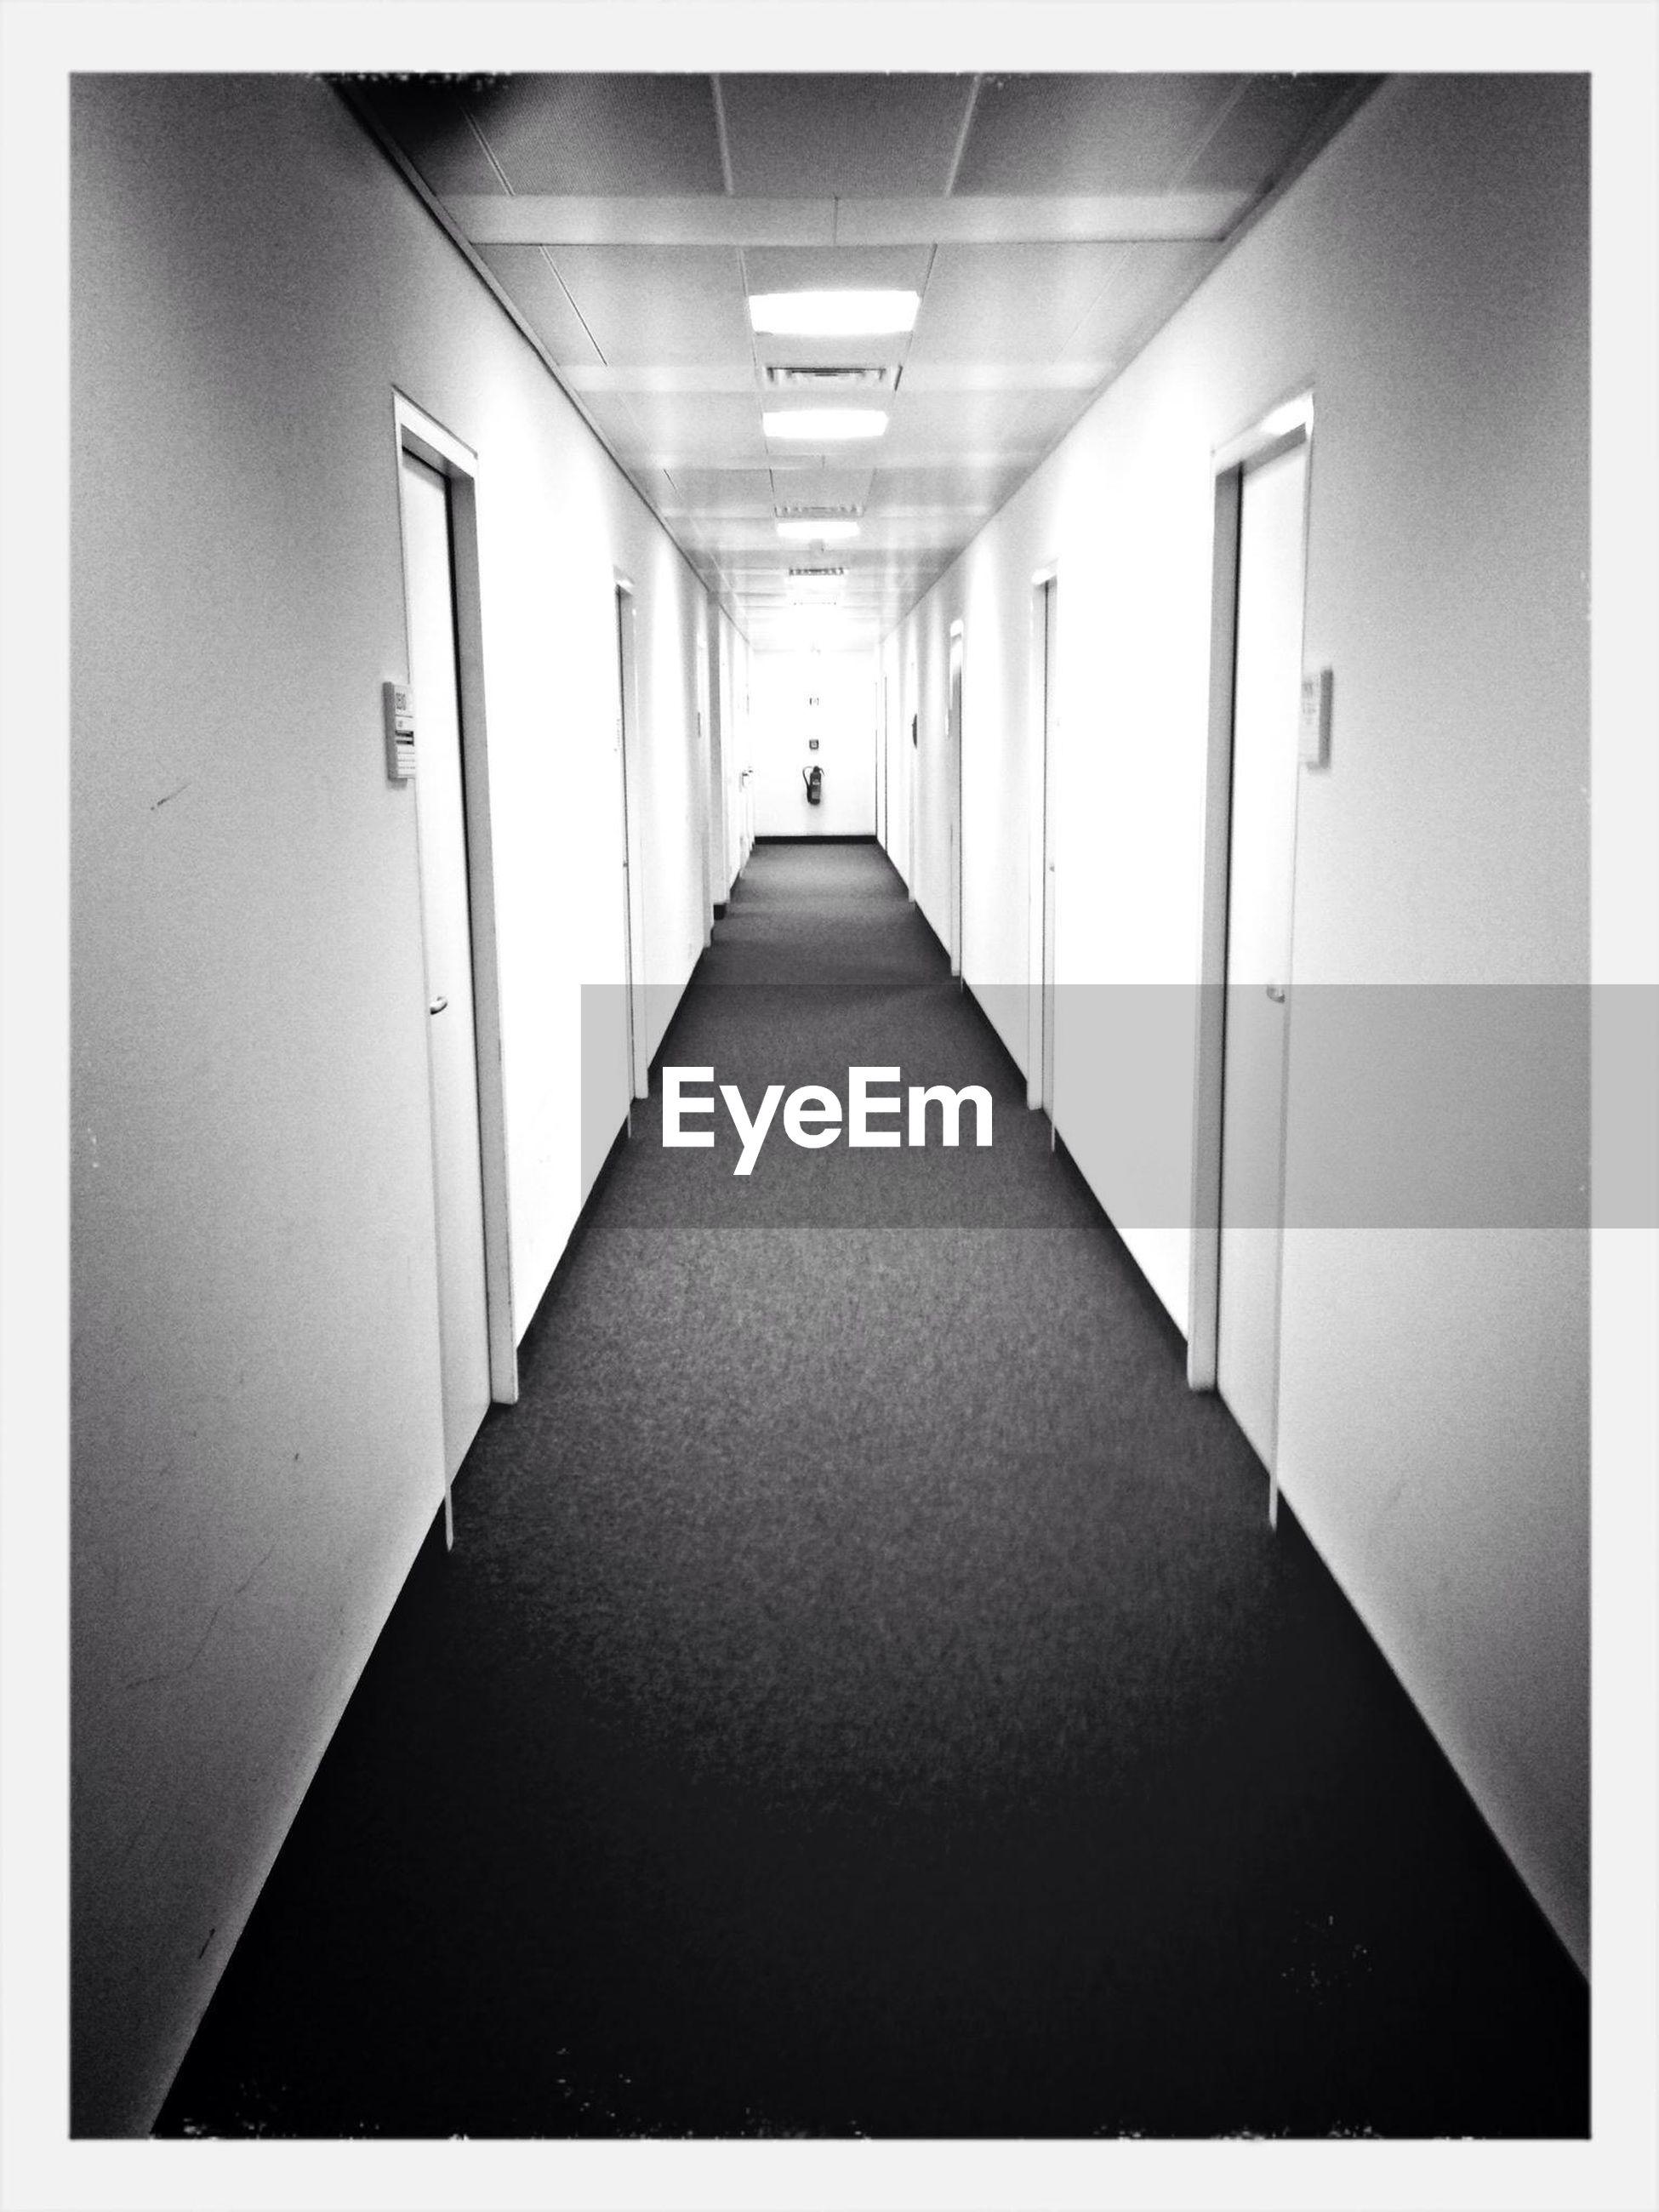 Empty passage between rooms in building